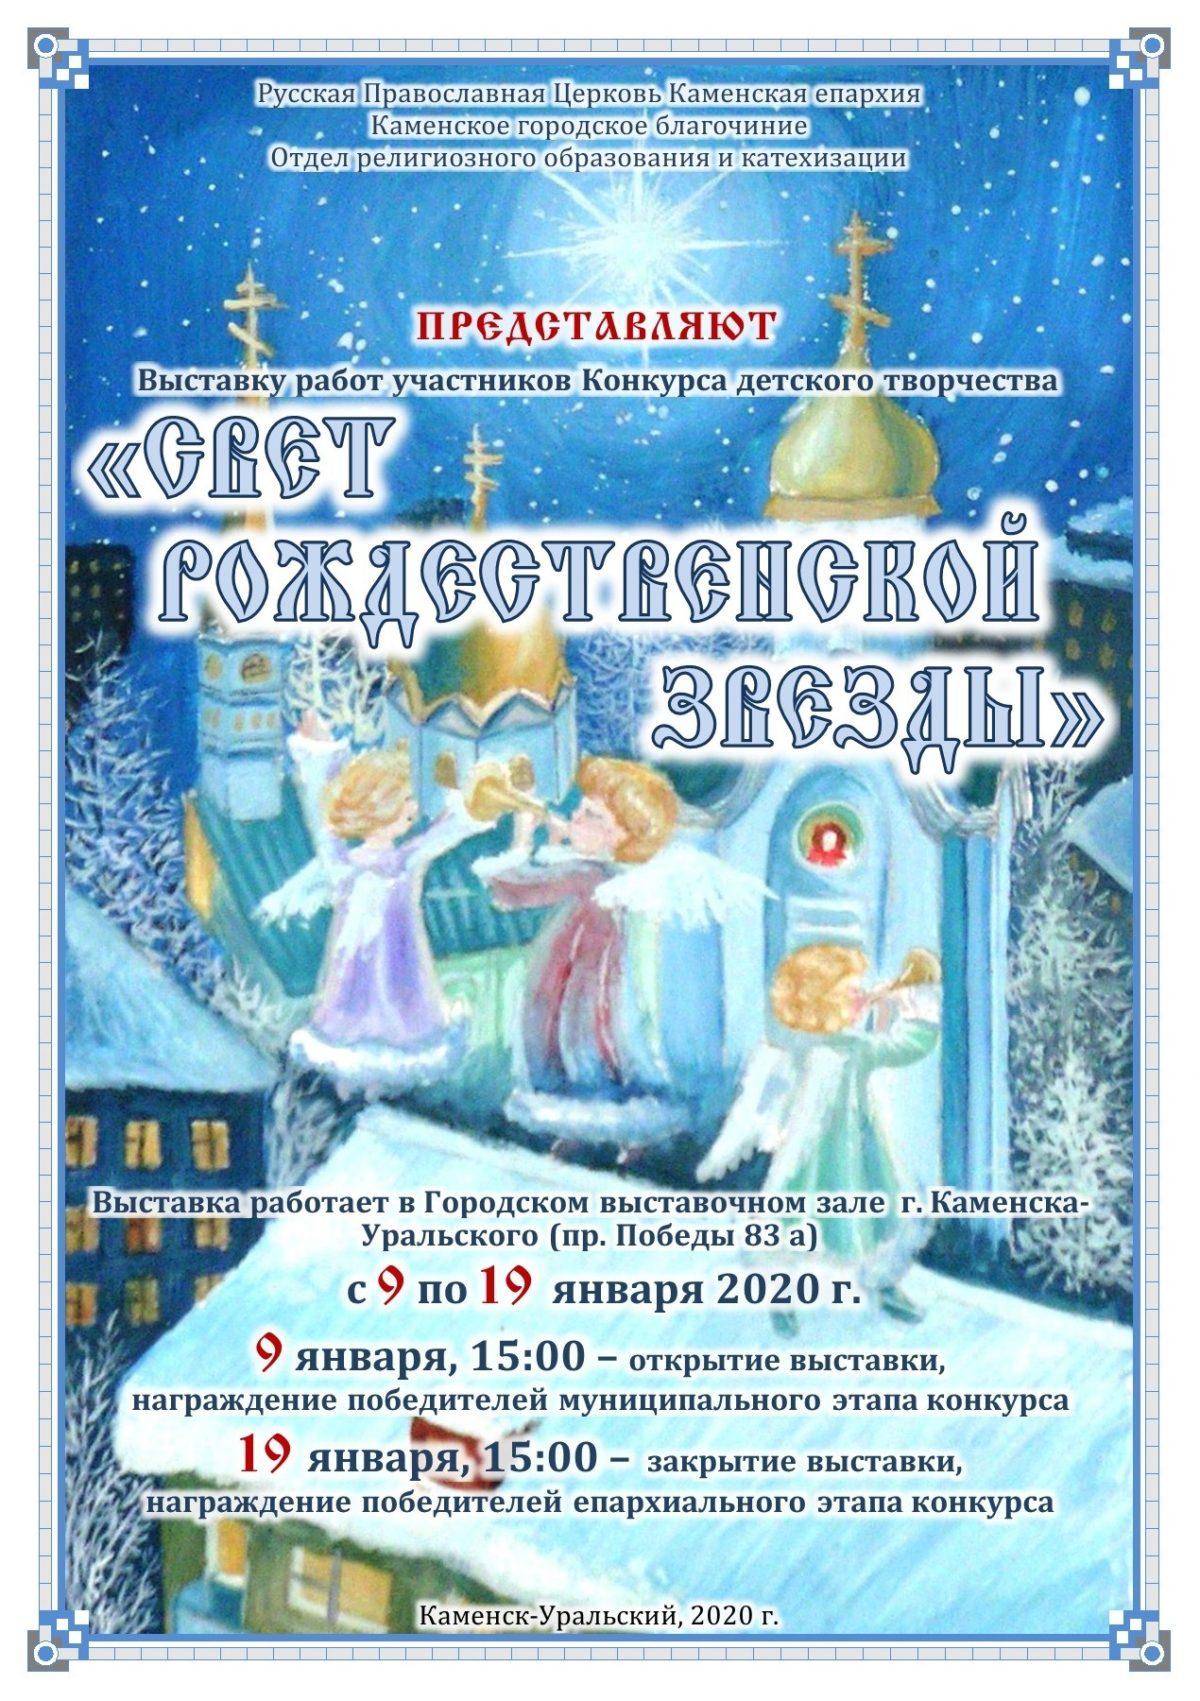 Приглашаем на выставку работ участников Конкурса детского творчества «Свет Рождественской звезды»